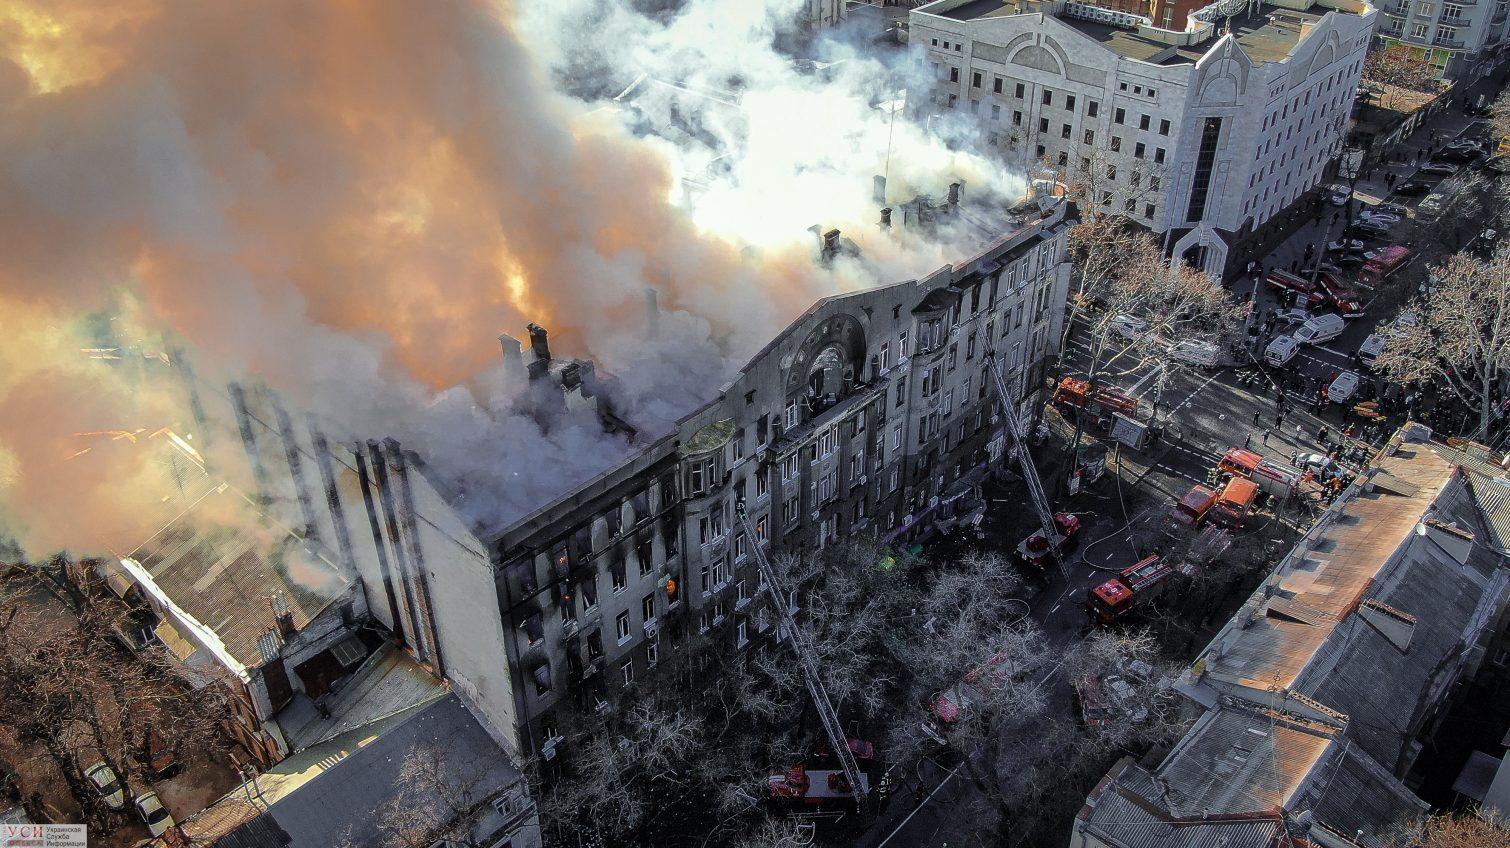 В 13 миллионов оценили материальный ущерб от трагического пожара в колледже на Троицкой «фото»